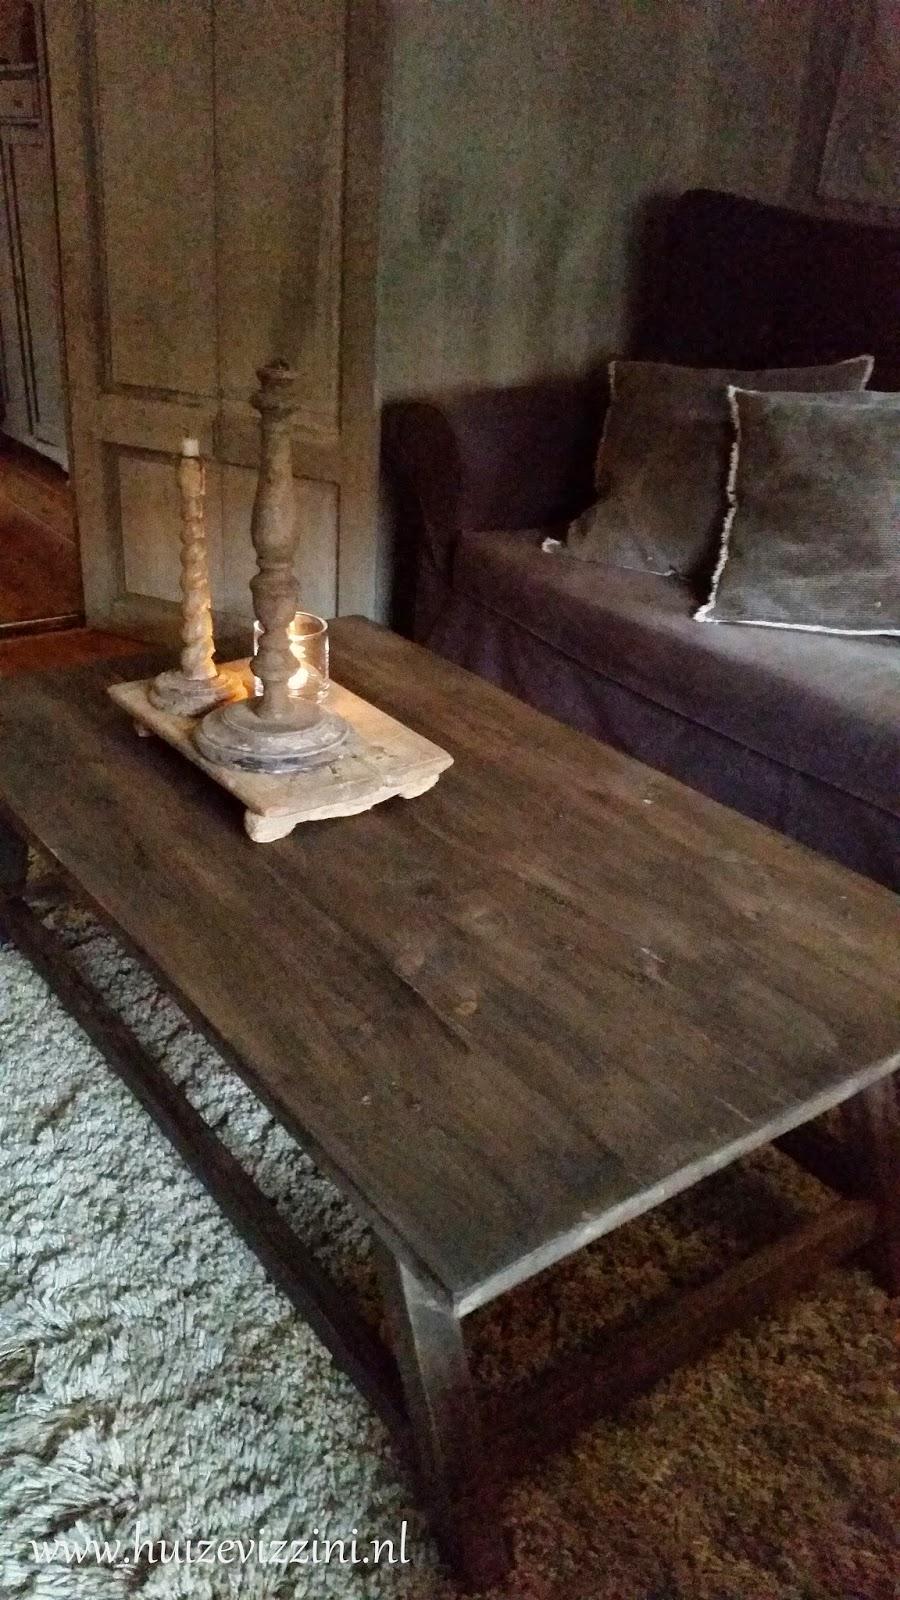 Loogbeits en wasvernis van esatto op vurenhouten tafel - Tafel woonkamer van de wereld ...